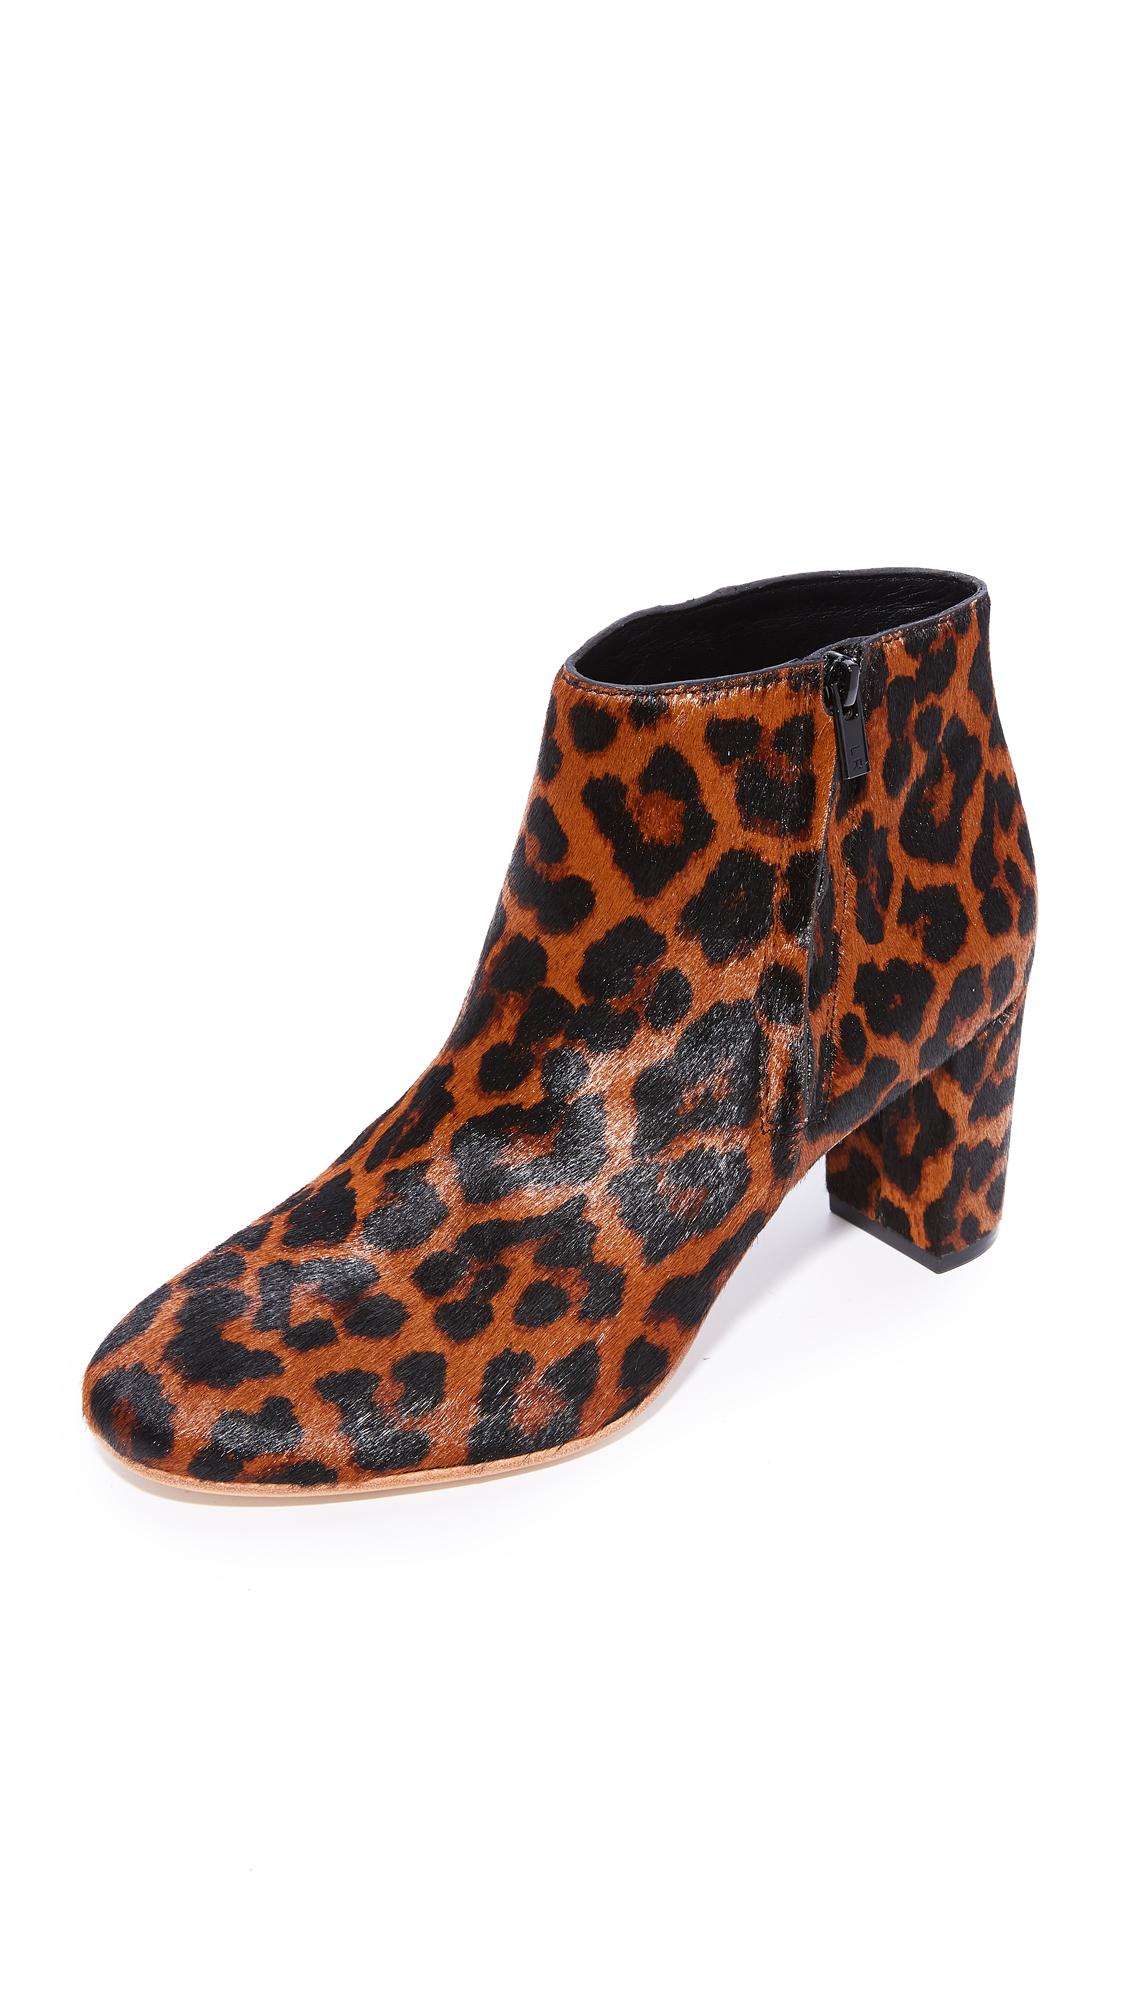 Loeffler Randall Greer Ankle Booties - Leopard